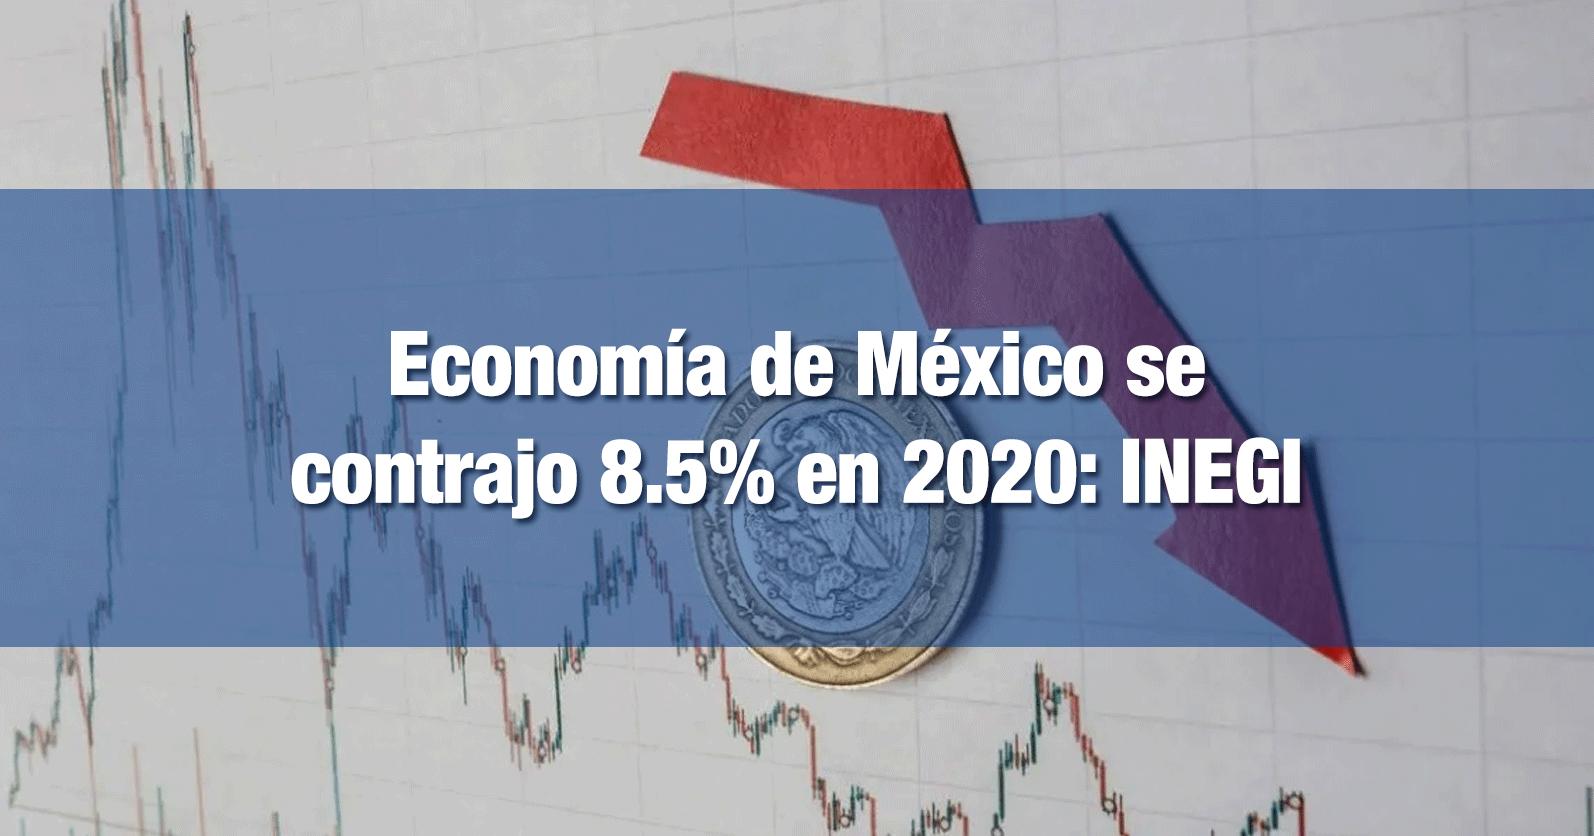 Economía de México se contrajo 8.5% en 2020: INEGI